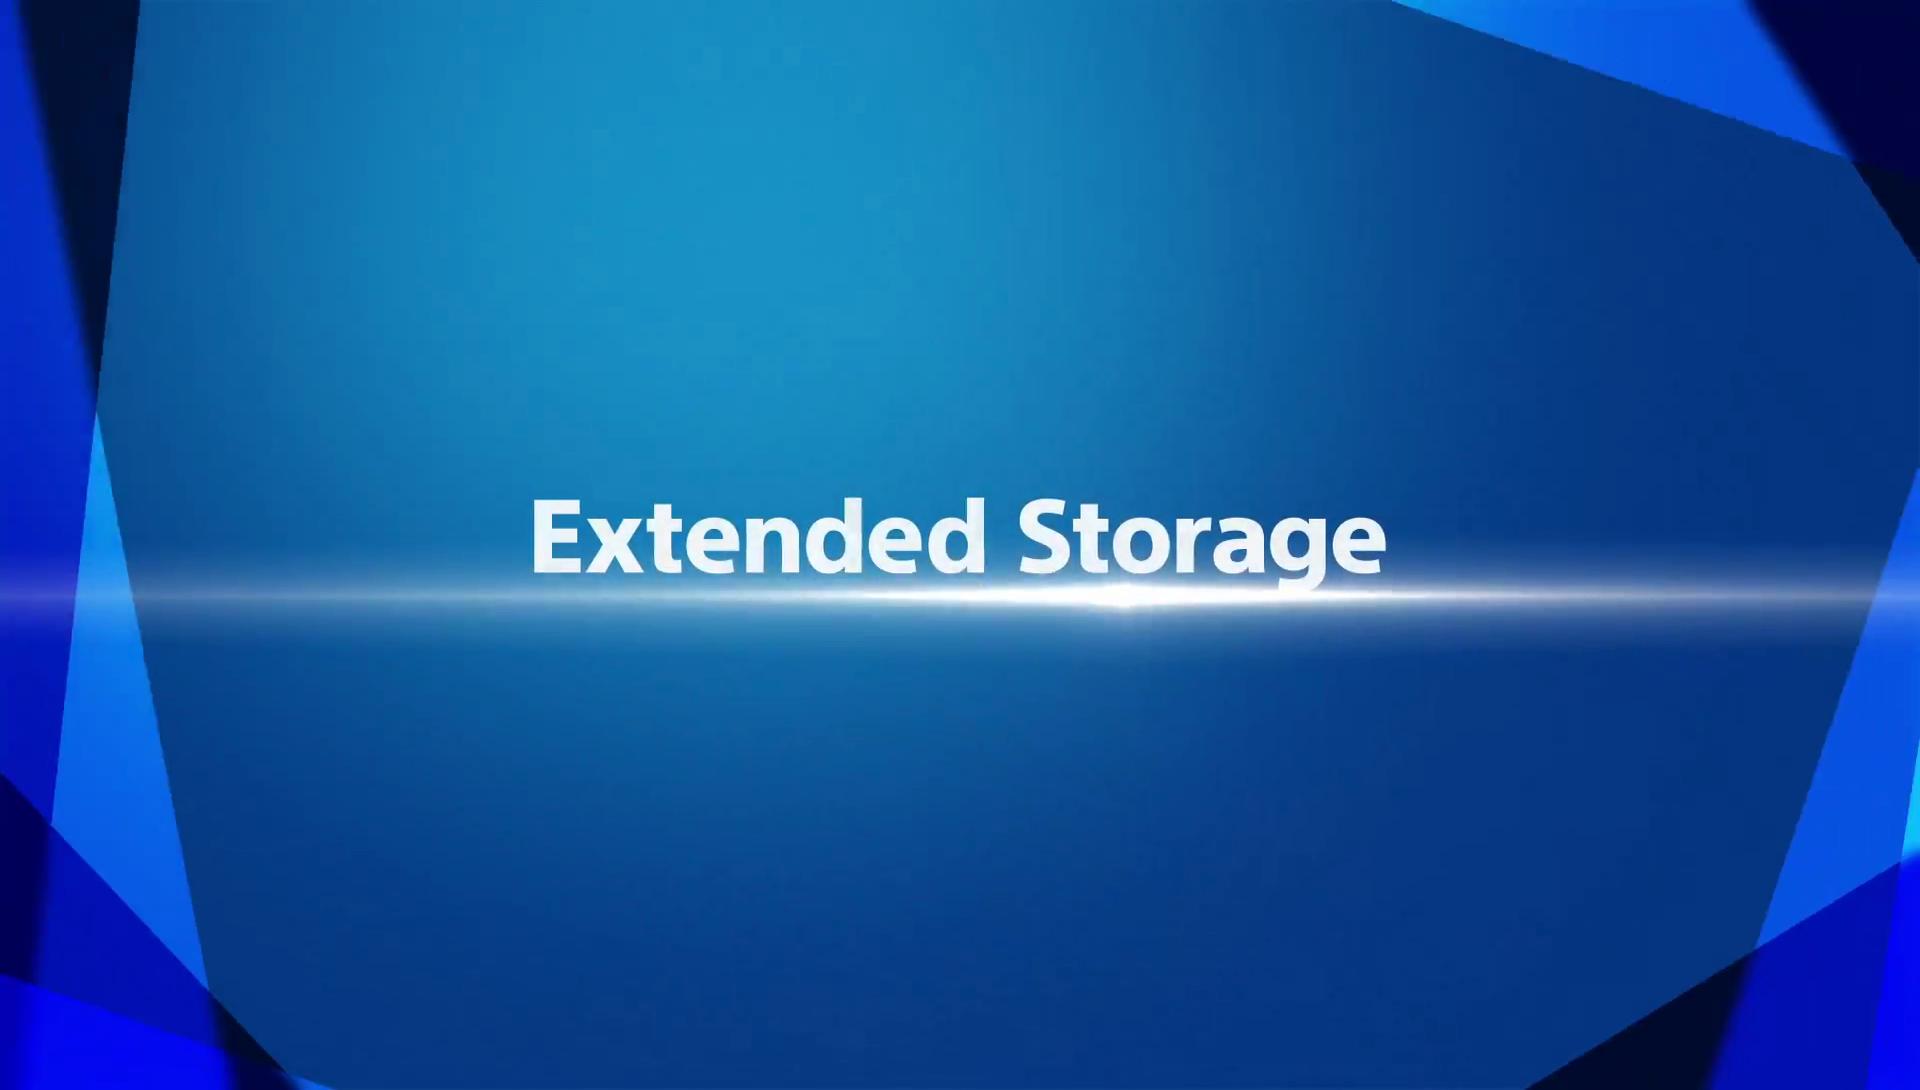 playstation 4 extended storage featured - Hướng dẫn di chuyển game qua ổ cứng ngoài trên Playstation 4 firmware 4.5